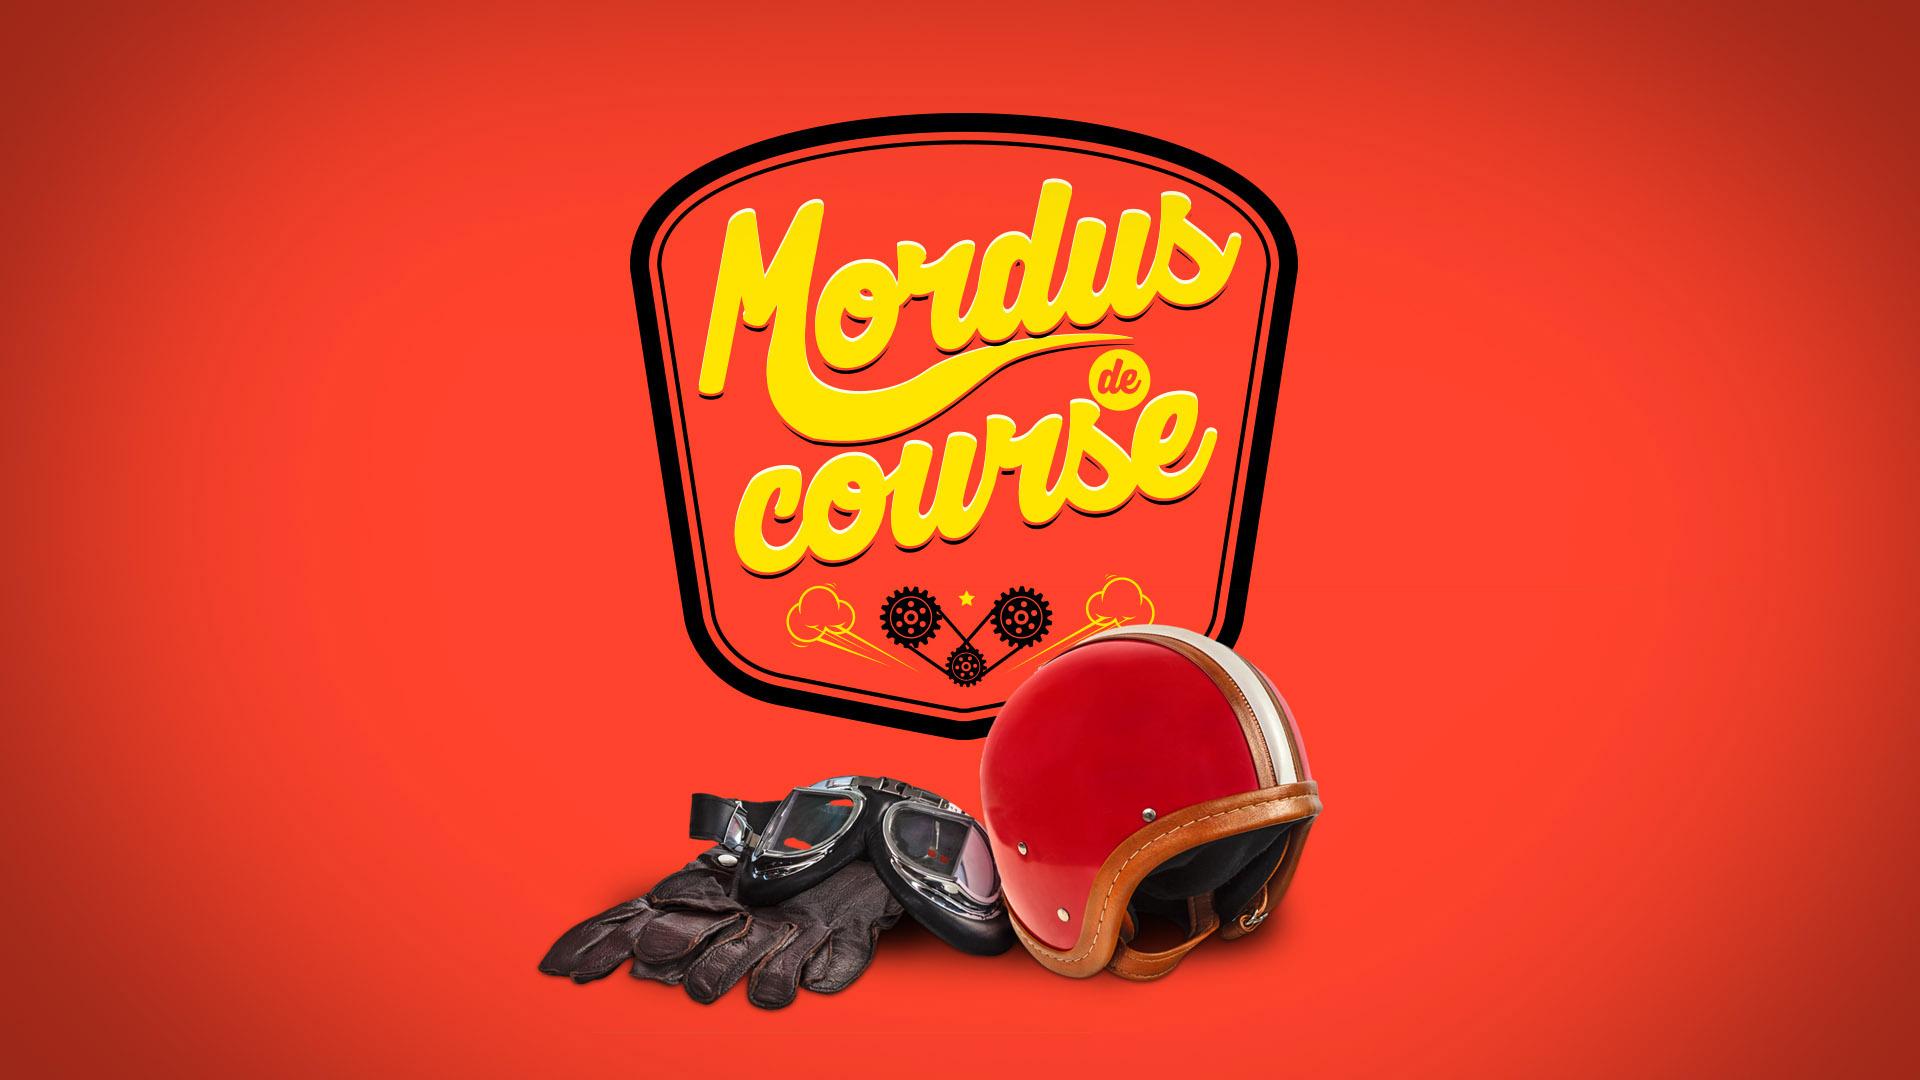 Mordus de course